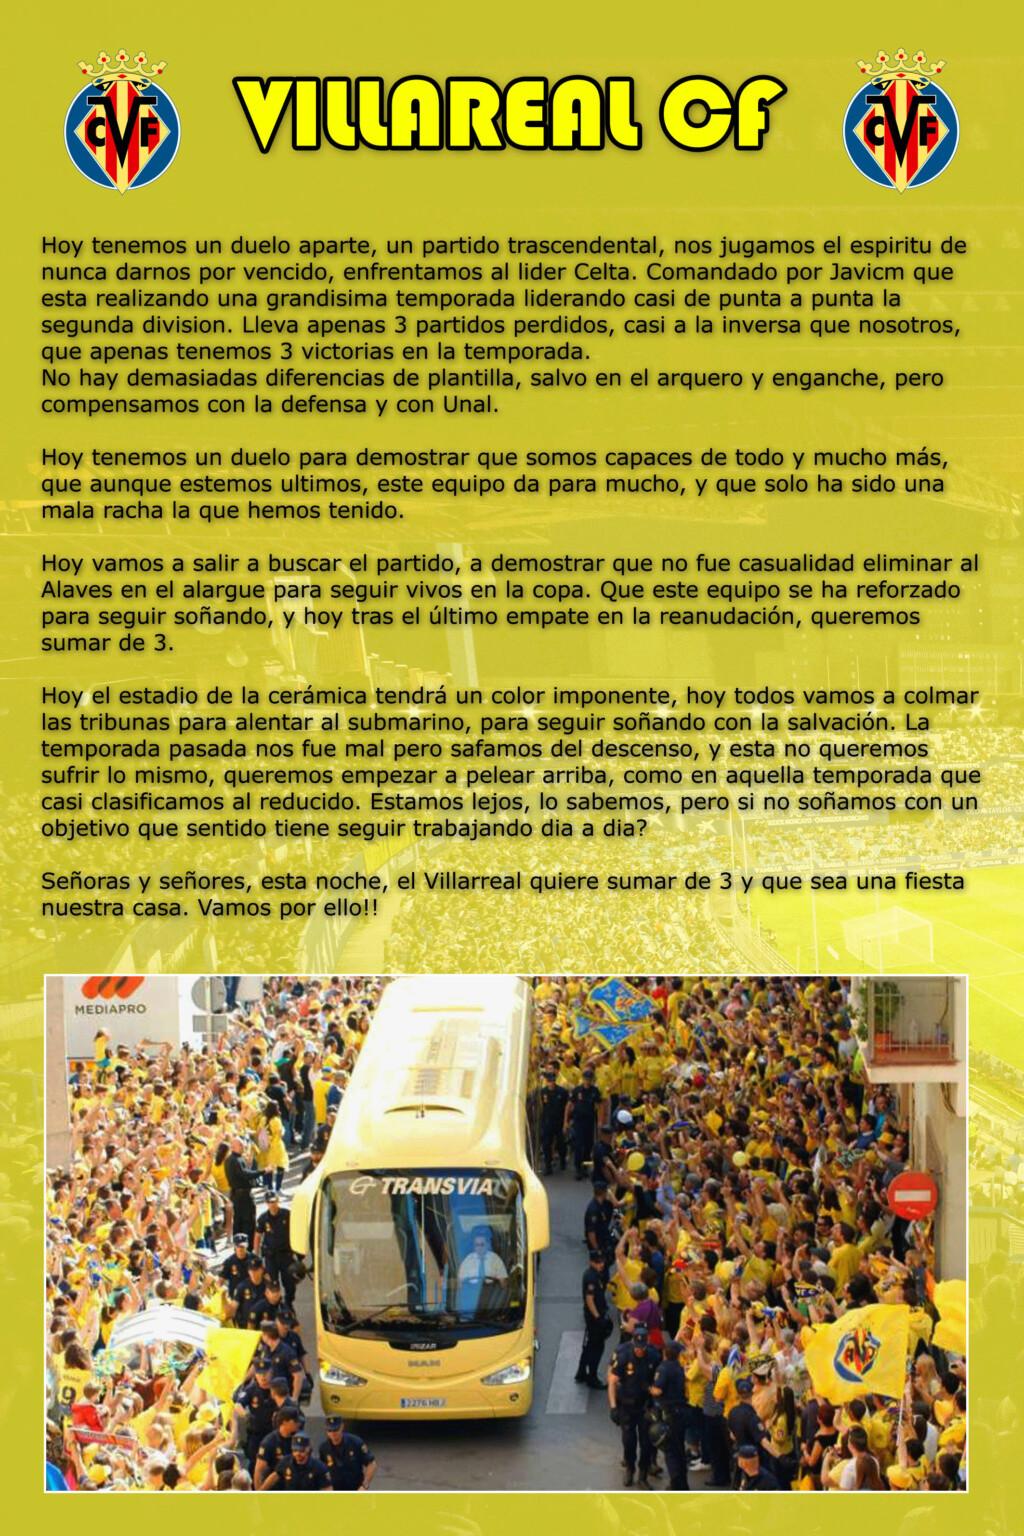 Villarreal al Día Villar23